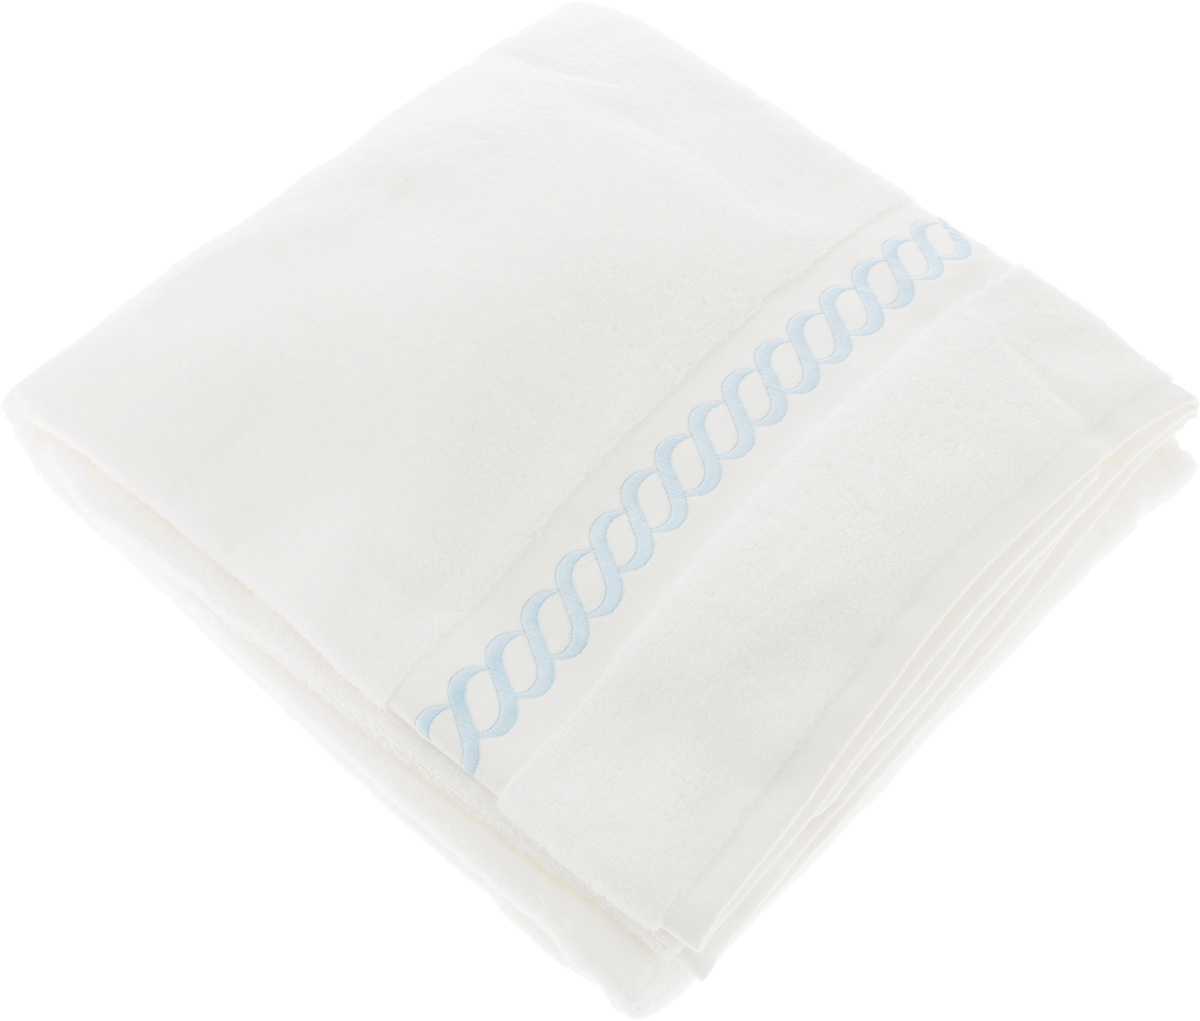 Полотенце махровое Issimo Home Pauline, цвет: белый, голубой, 90 x 150 смC0042416Полотенце Issimo Home Pauline выполнено из натуральной махровой ткани (100% хлопок). Изделие отлично впитывает влагу, быстро сохнет и не теряет форму даже после многократных стирок. Рекомендации по уходу:- режим стирки при 40°C,- допускается обычная химчистка,- отбеливание запрещено,- глажка при температуре подошвы утюга до 110°С,- барабанный отжим запрещен.Размер полотенца: 90 x 150 см.